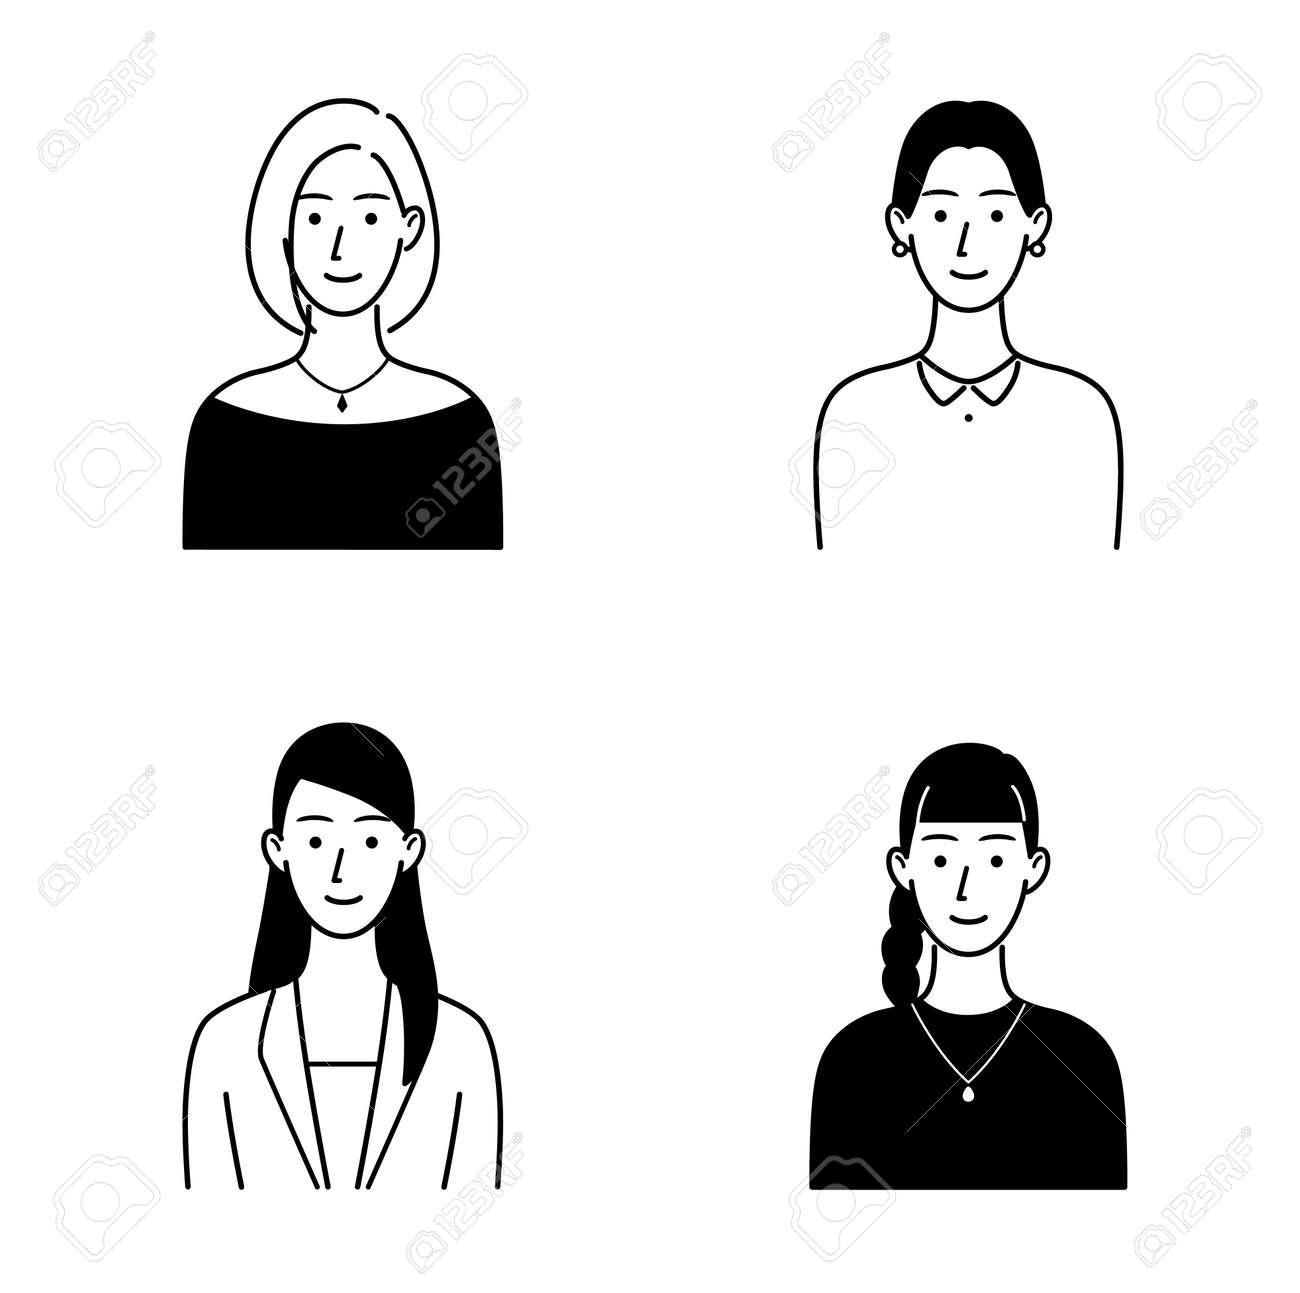 Illustration set of various women's upper body - 169272181